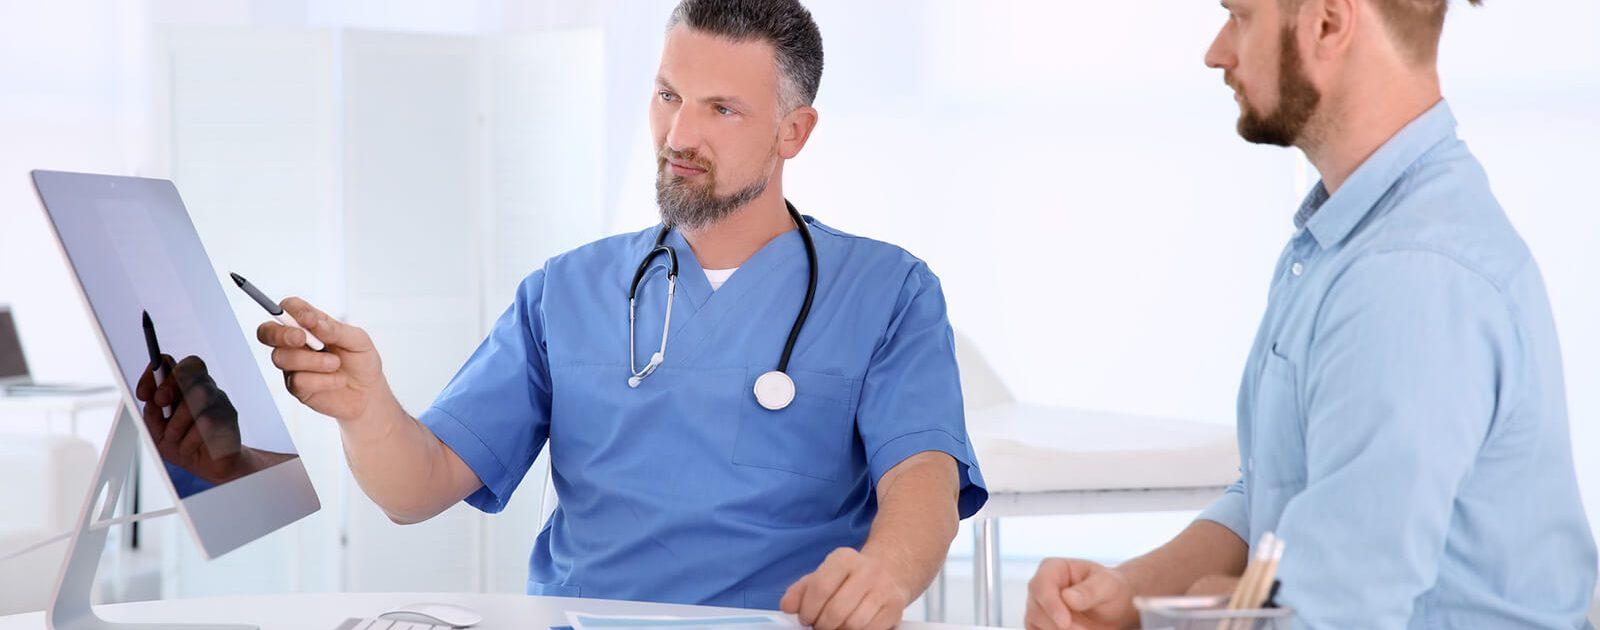 Arzt klärt Patient über die Formen von Prostatis auf